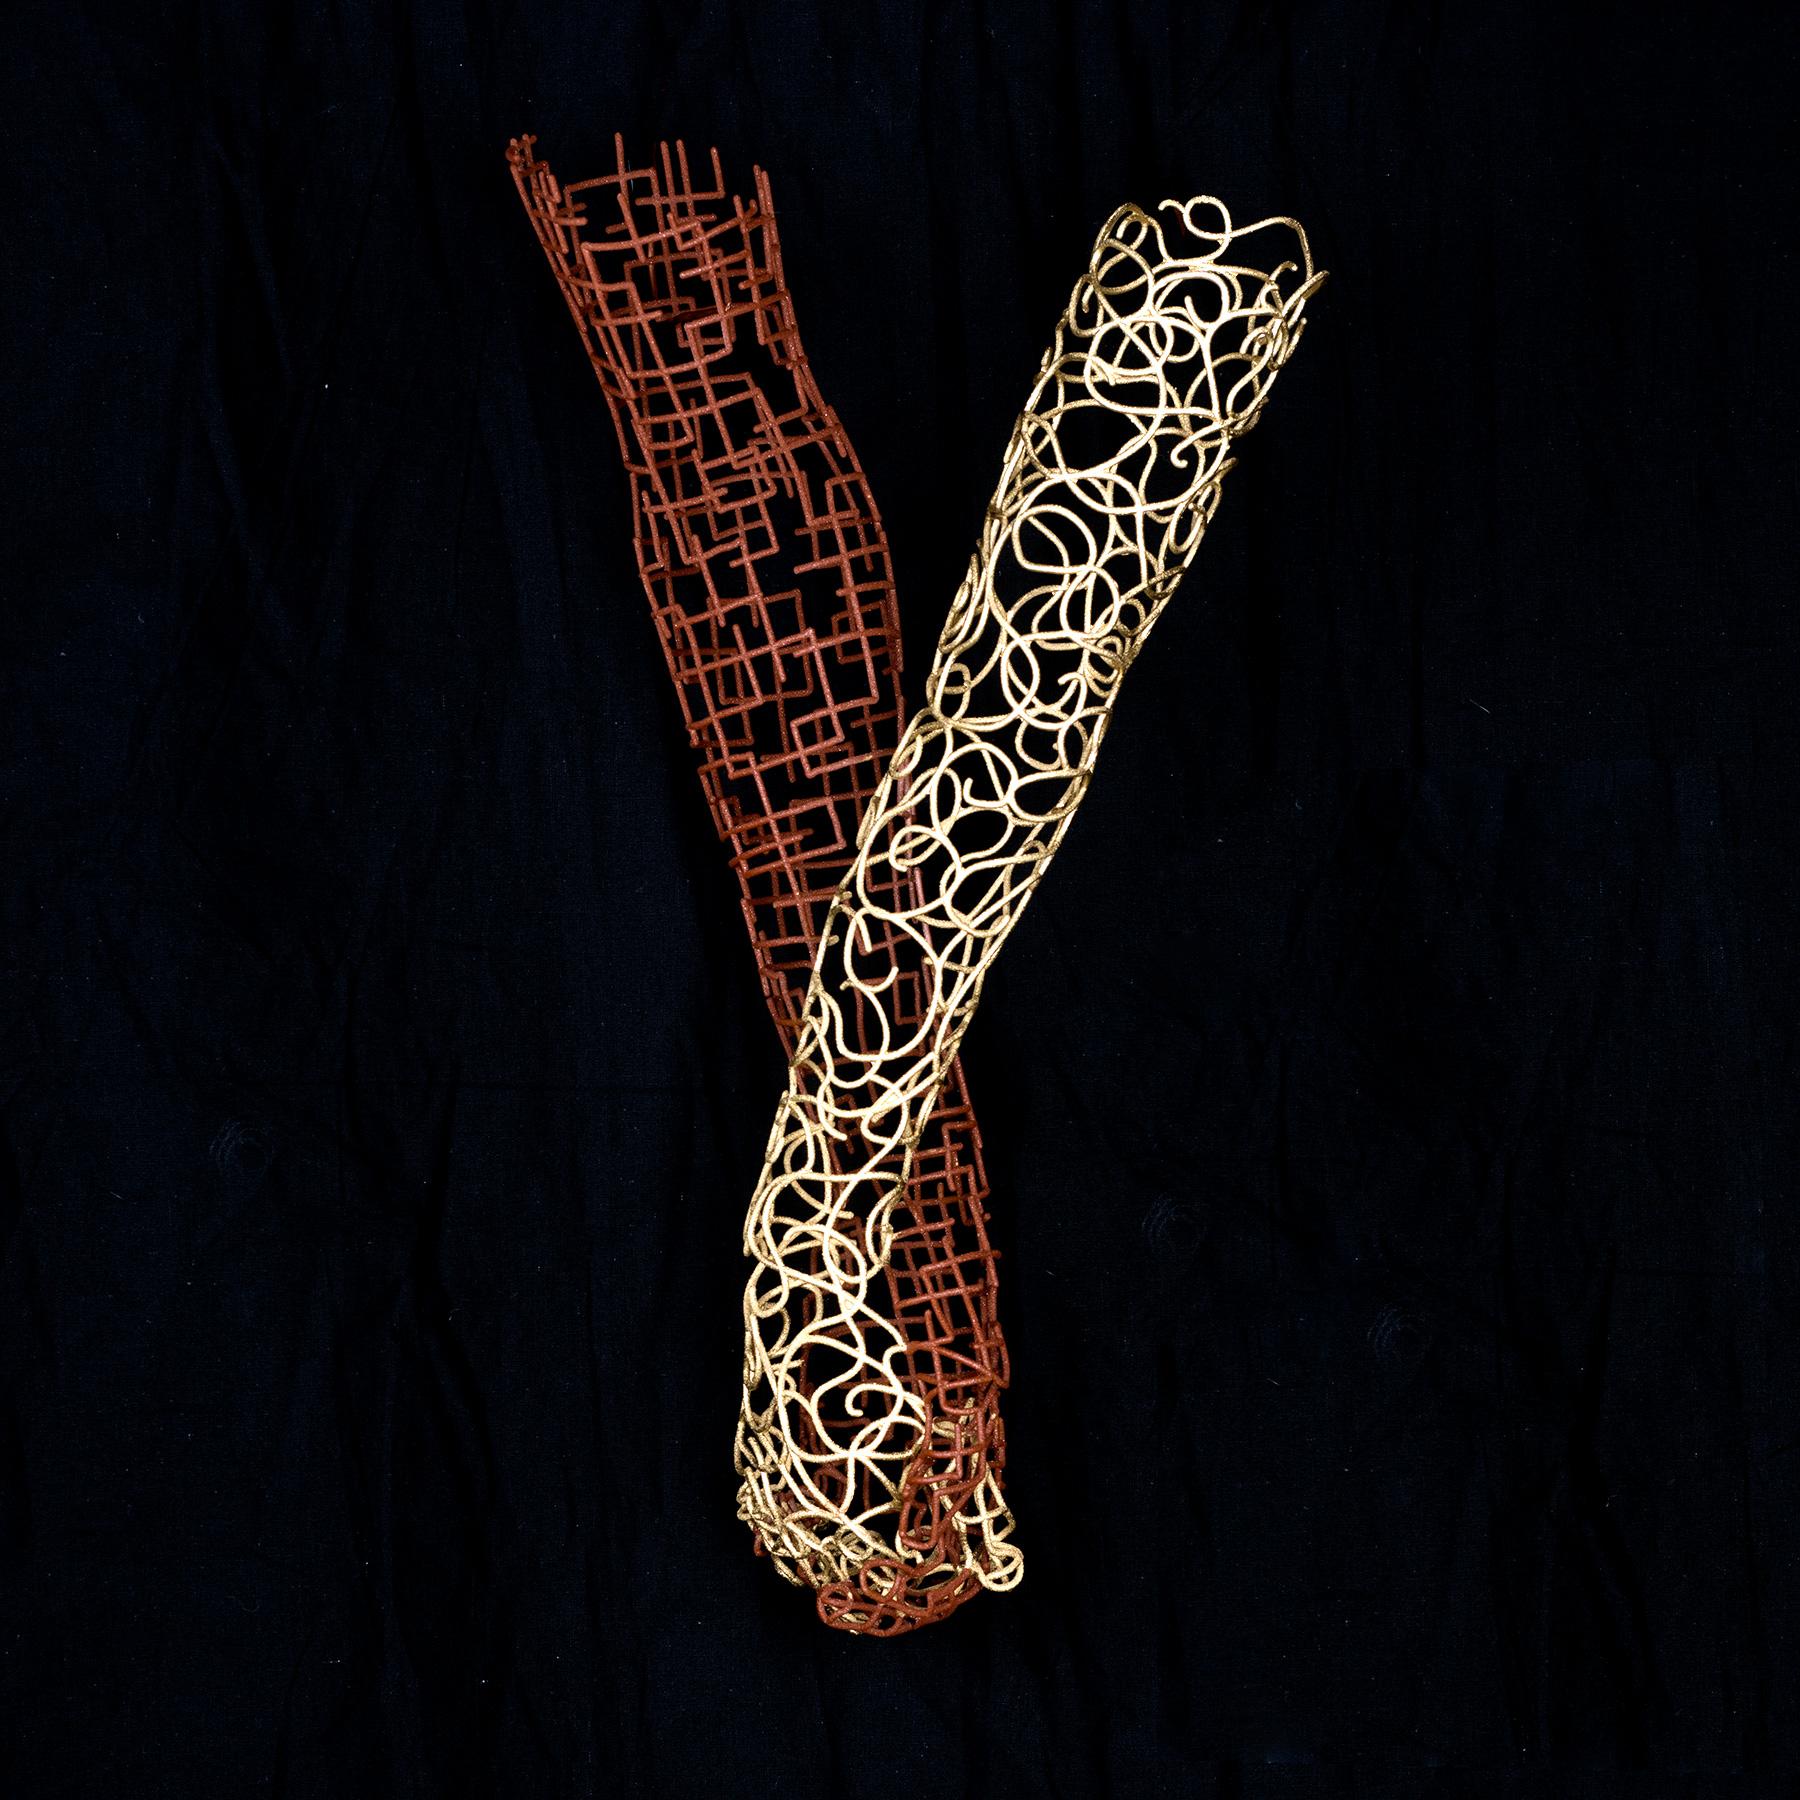 Bonzanos A.G., Mano nella mano, Scultura in filo SLS Duraform, realizzata con stampante 3D, 43x23x13 cm, 2017. Collezione privata.